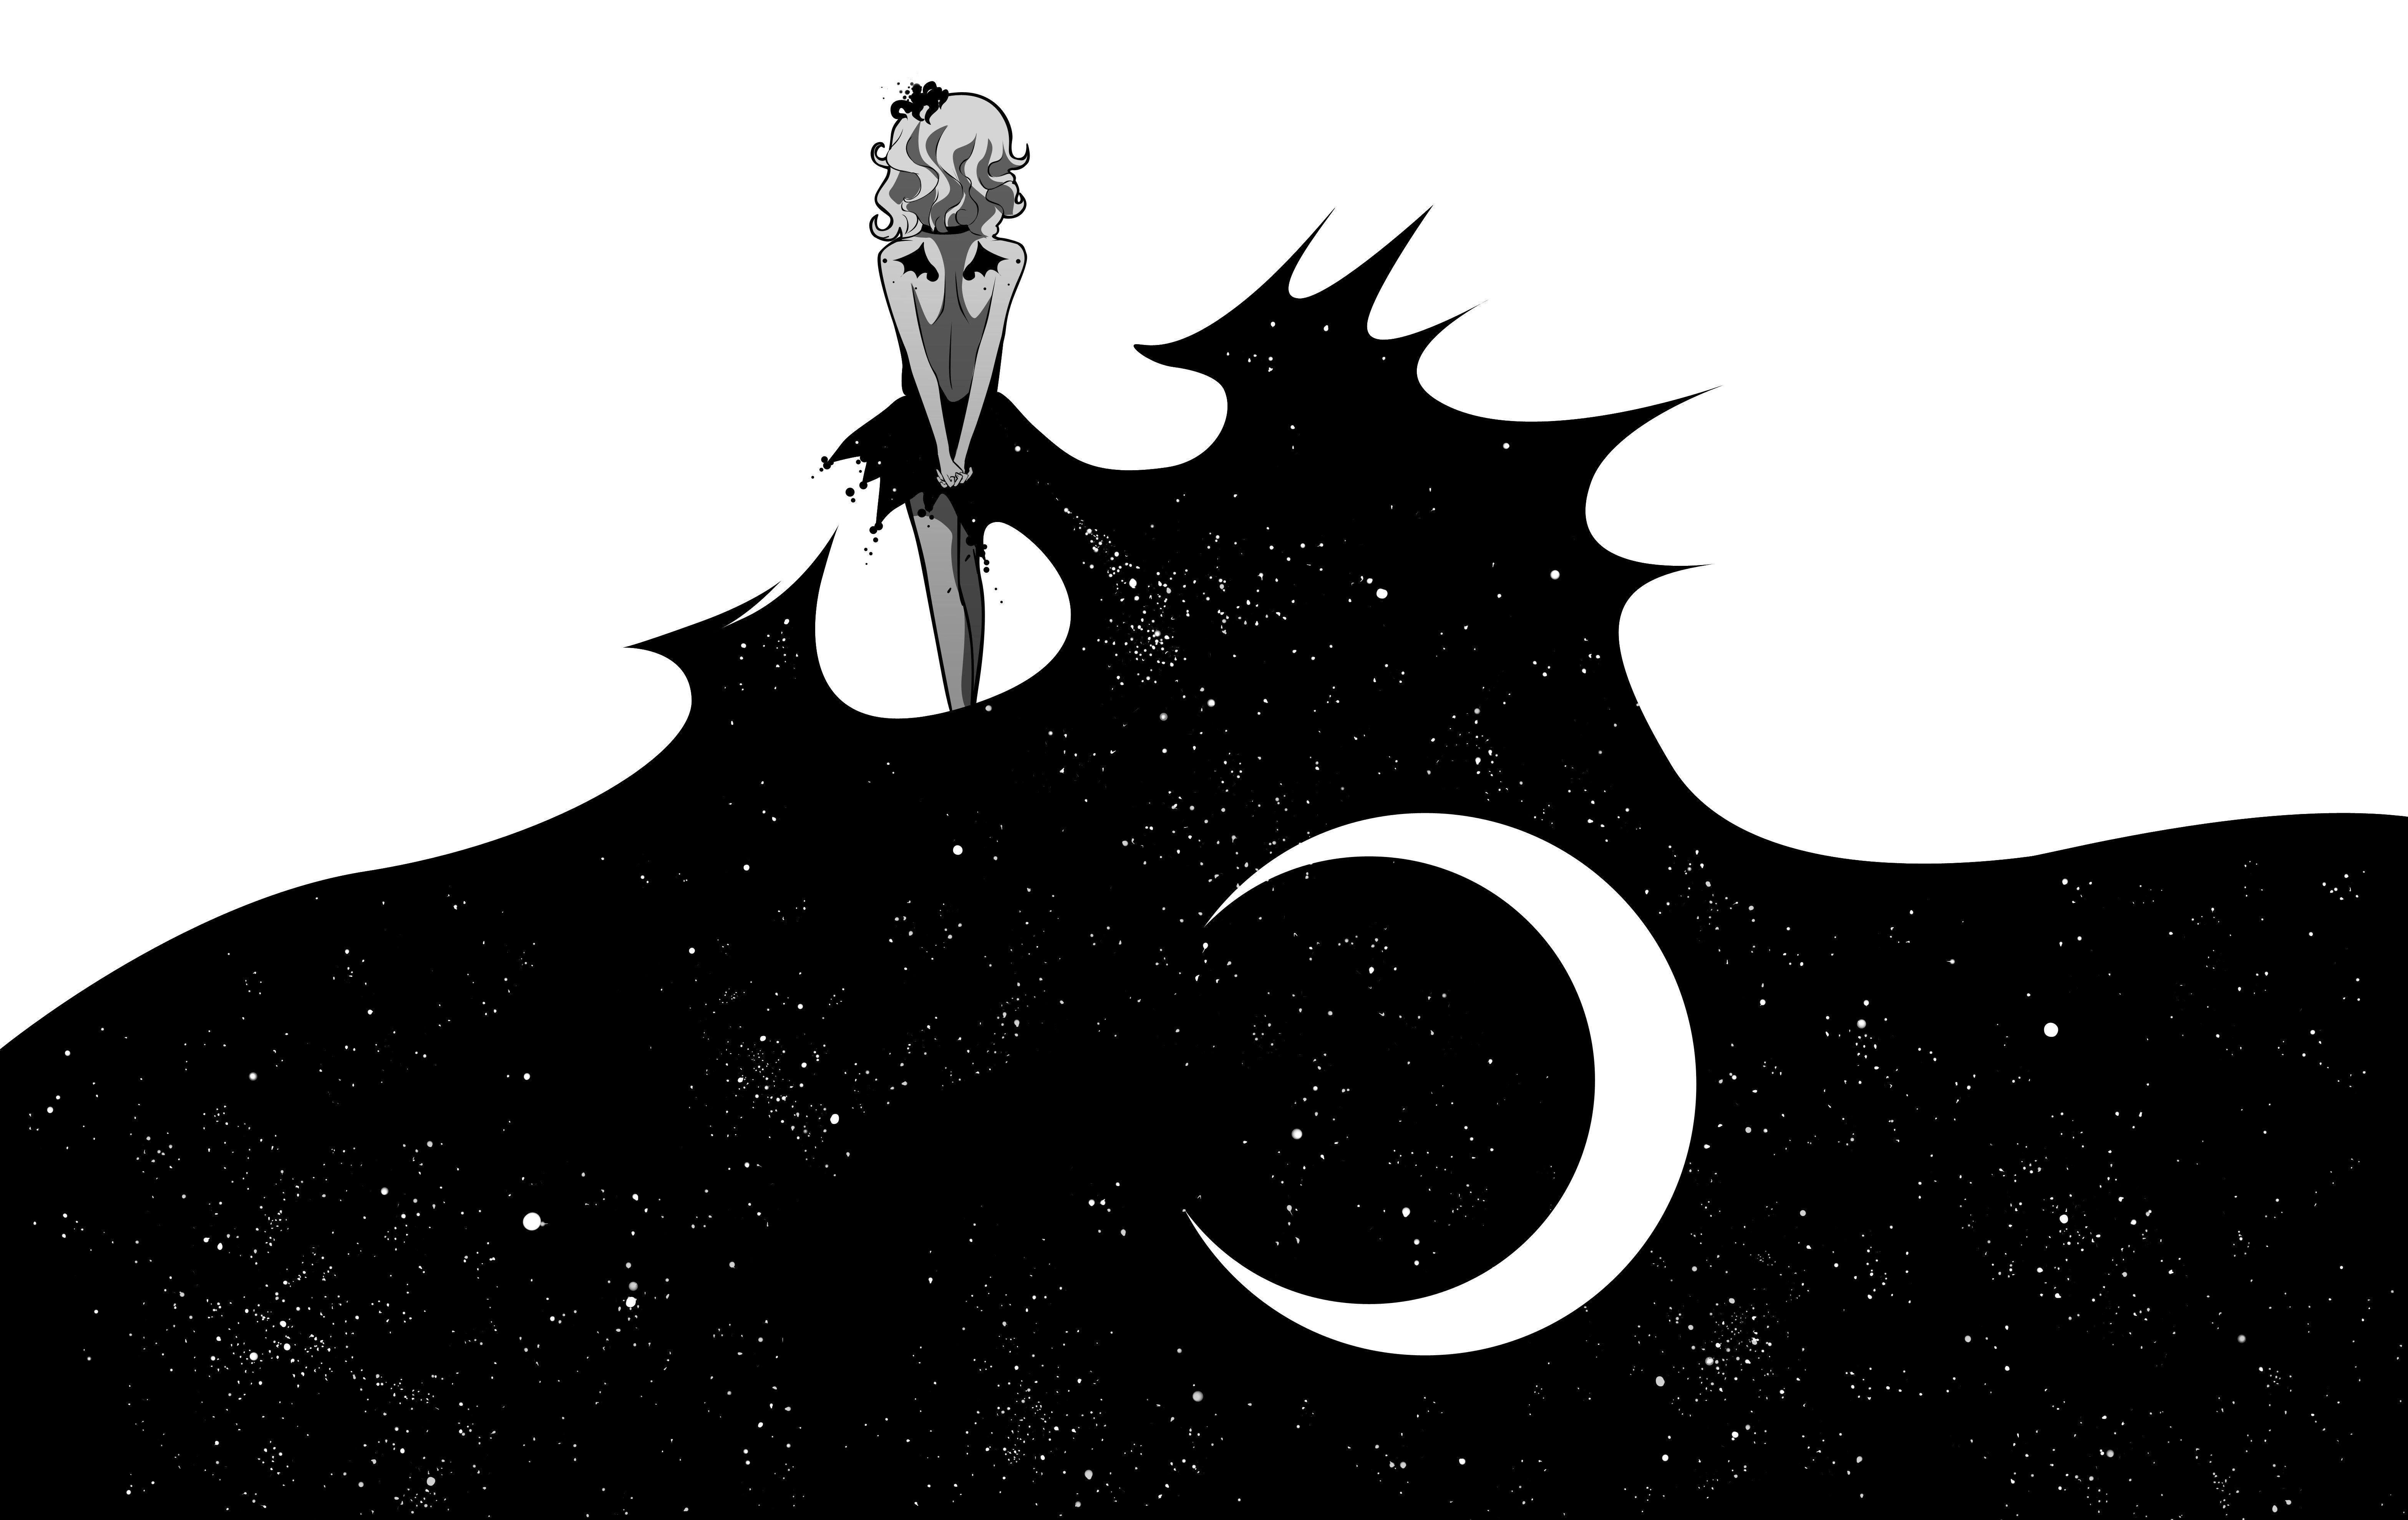 Wallpaper anime art moon girl black white x on full hd pics of